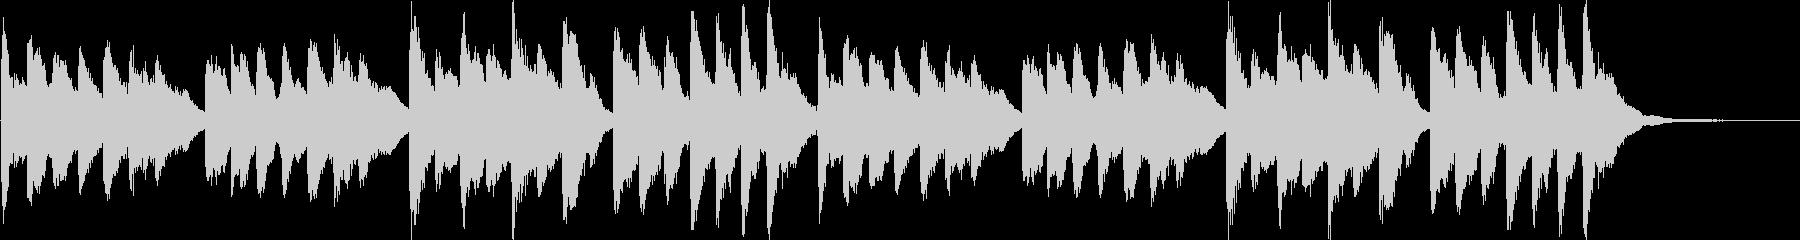 ほのぼの系チューブラーベルのジングルの未再生の波形